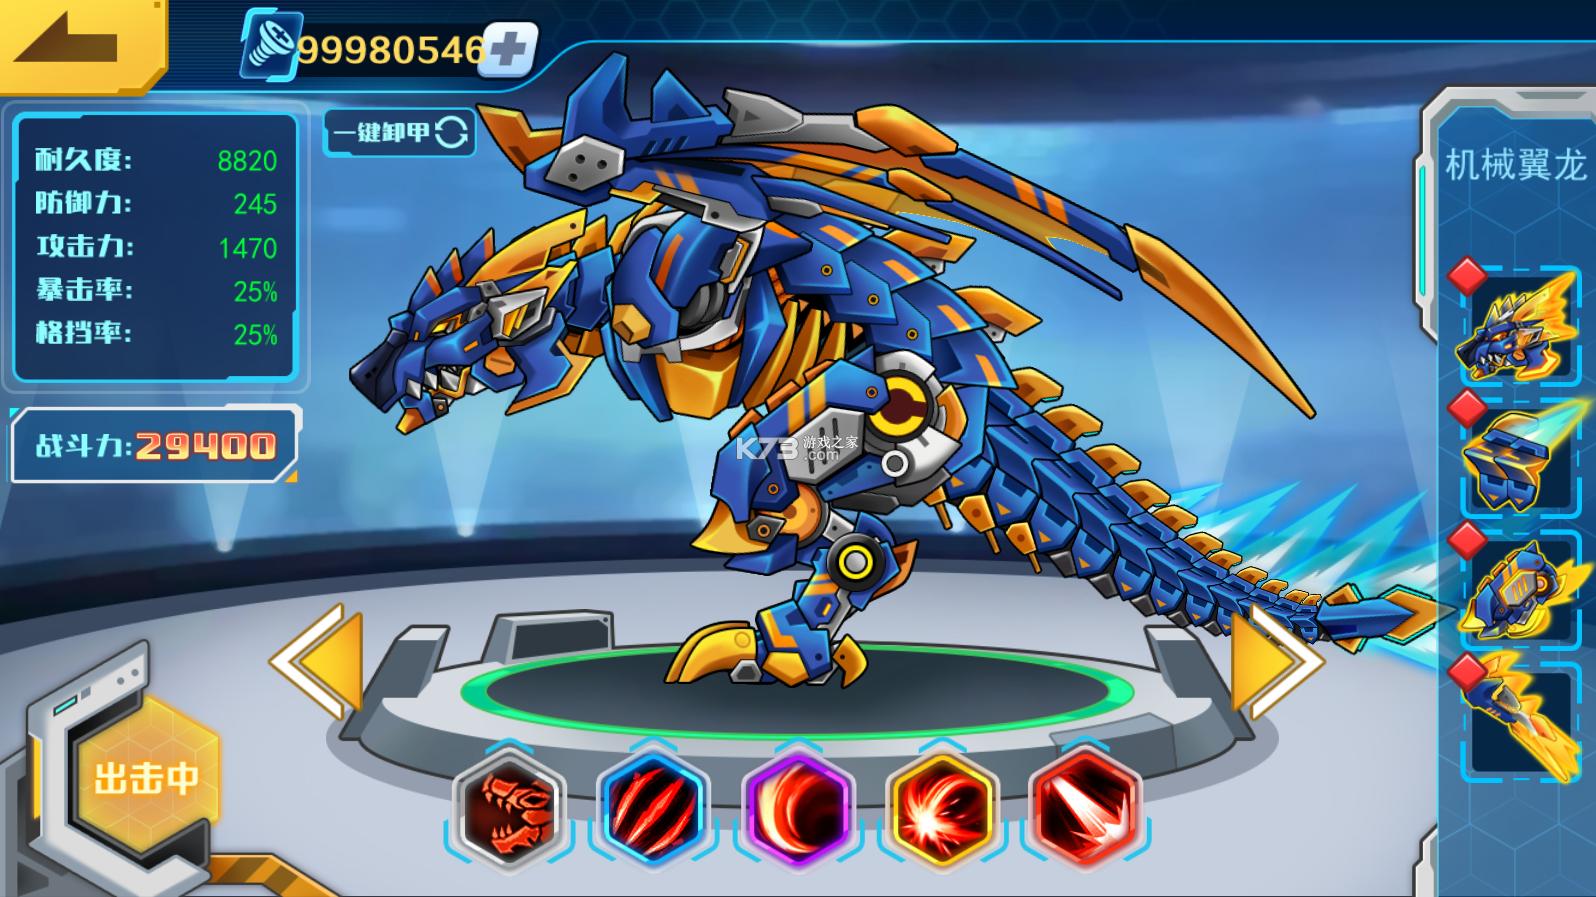 机甲斗兽场 v1.0.0 游戏破解版 截图